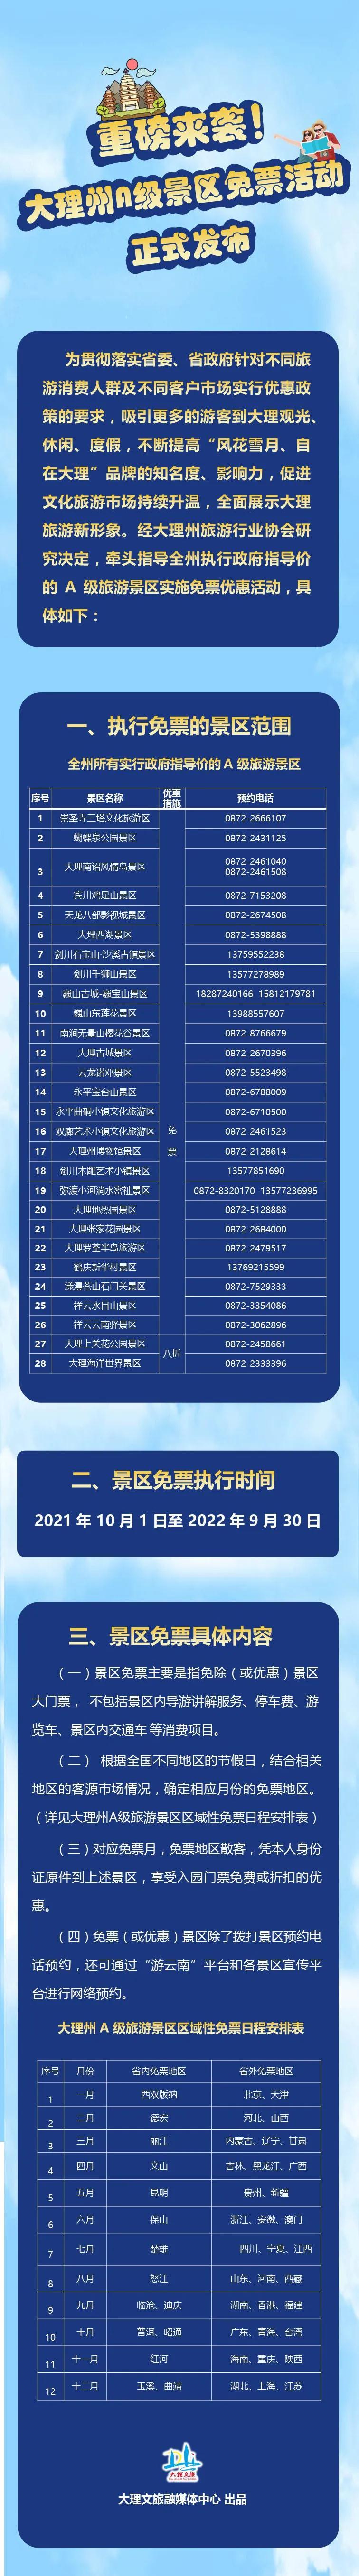 好消息!云南大理A级景区10月起分时免票,为期一年